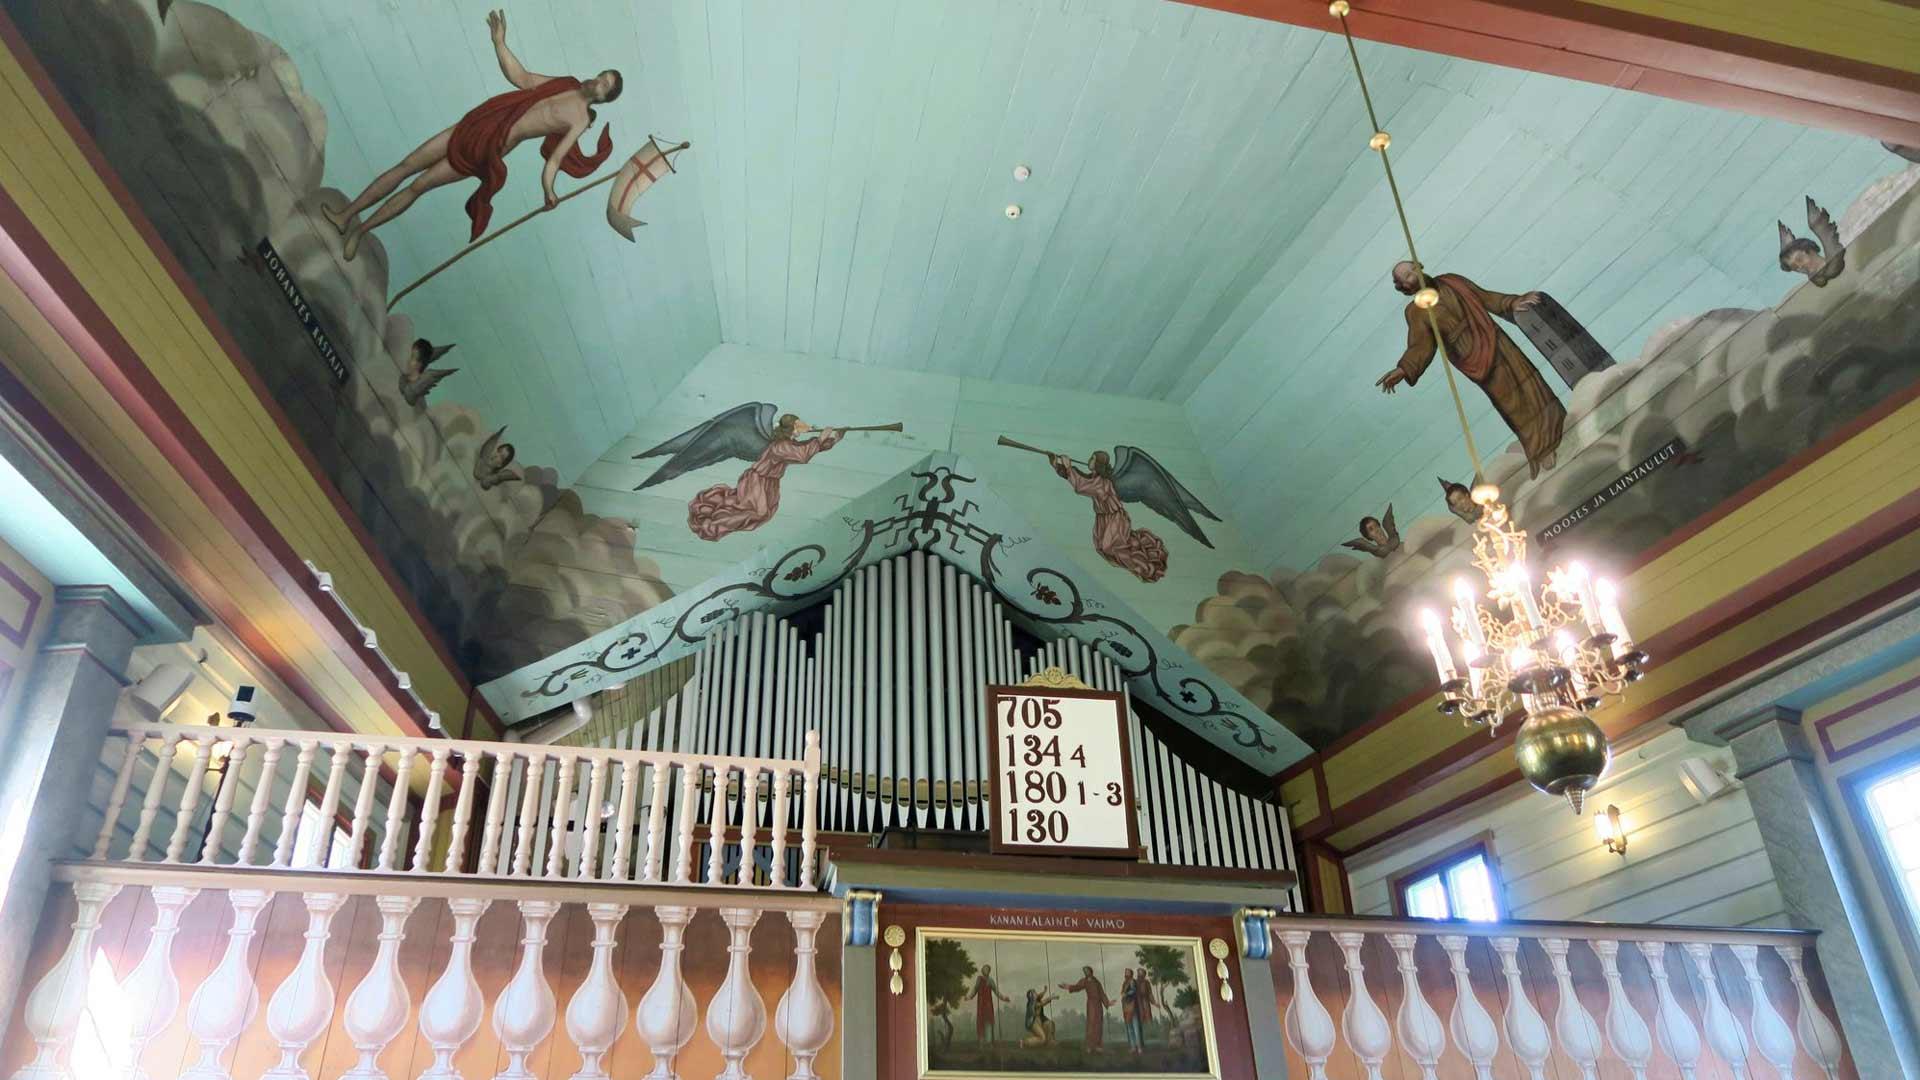 Ilomantsin luterilaista kirkkoa kutsutaan maalausten takia Sadan enkelin kirkoksi. Riitasta paras kombo on ensin kirkko ja sitten metsä – se luo rauhaa.